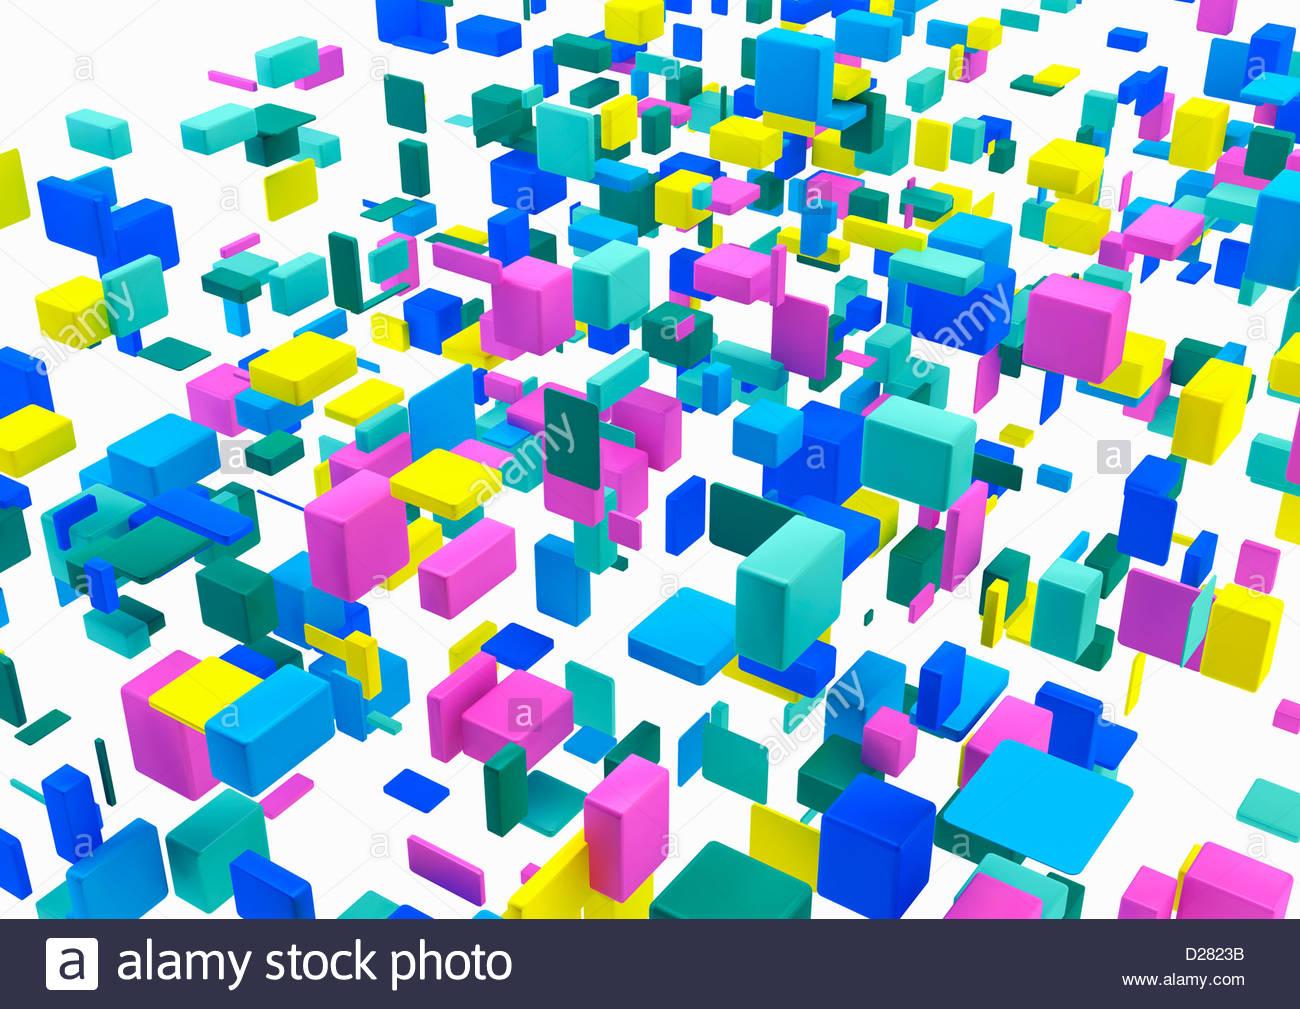 Disposizione astratta di cubetti multicolore su sfondo bianco Immagini Stock